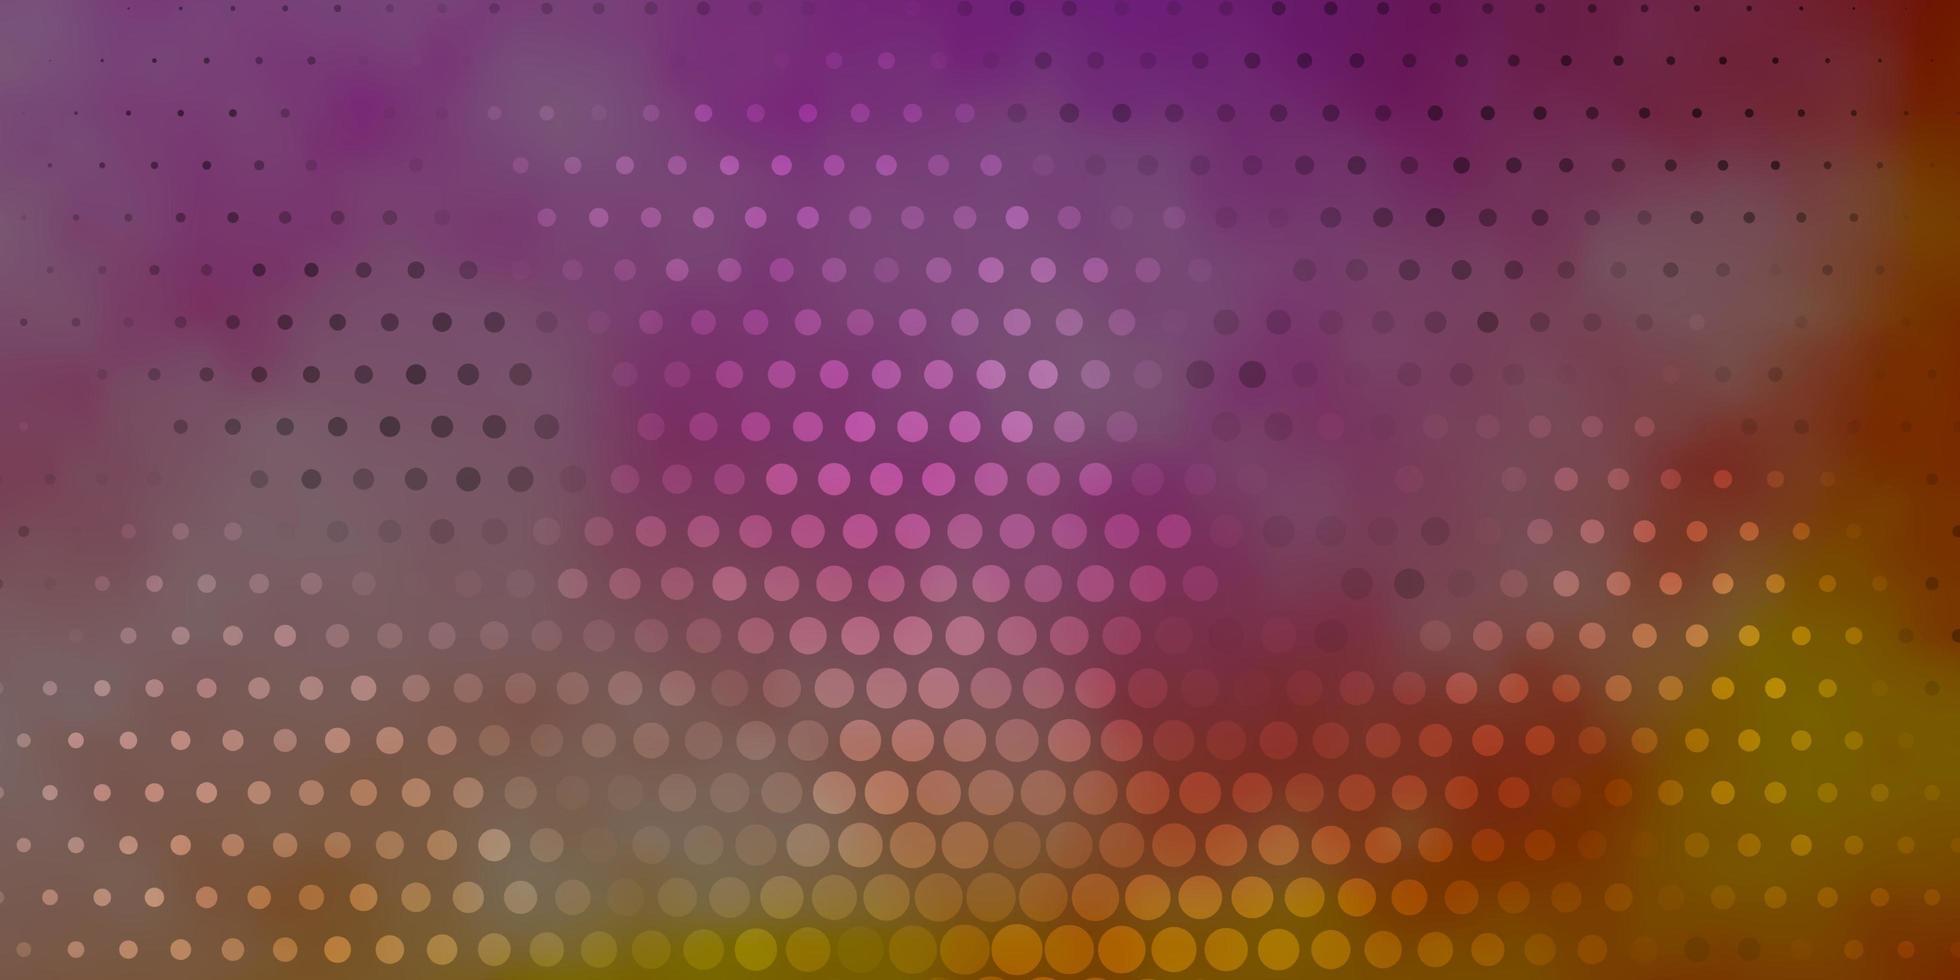 donkerroze, gele achtergrond met cirkels. vector